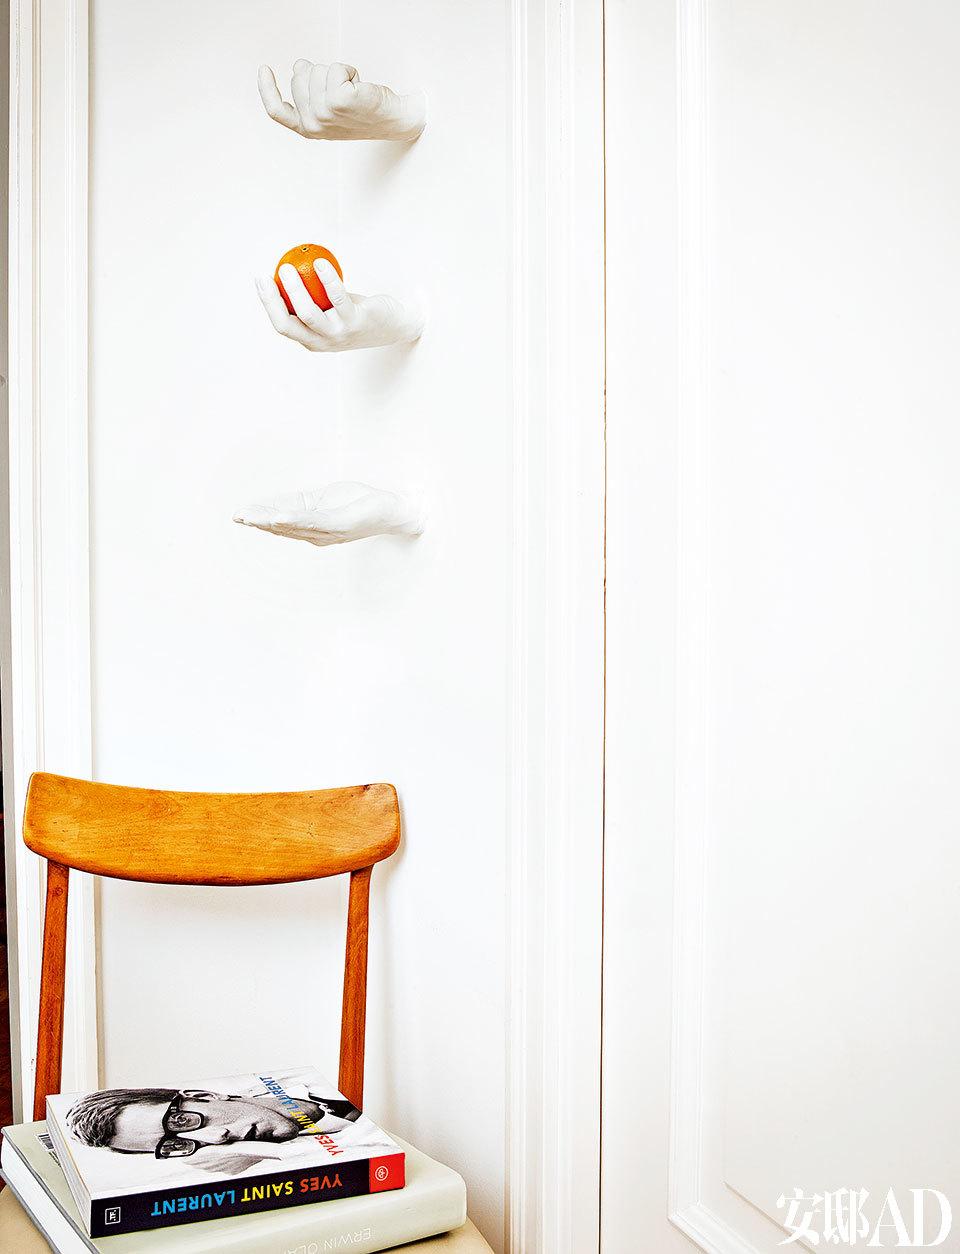 左边是Montse在街上偶然碰到并买下的椅子,墙上的树脂手是Harry Allen的作品。